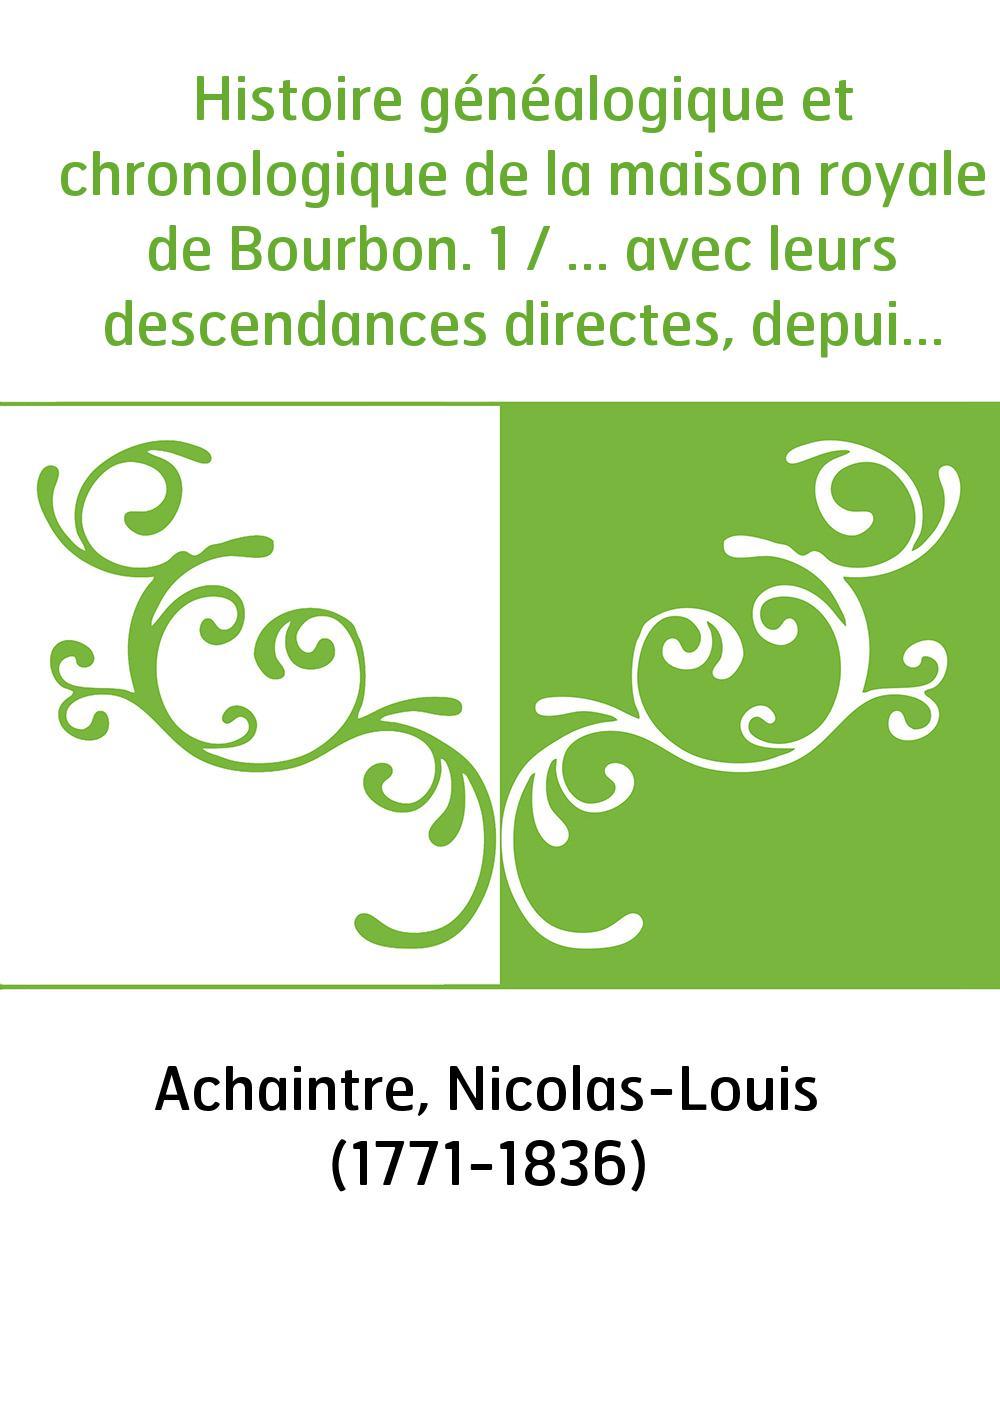 Histoire généalogique et chronologique de la maison royale de Bourbon. 1 / ... avec leurs descendances directes, depuis Robert l